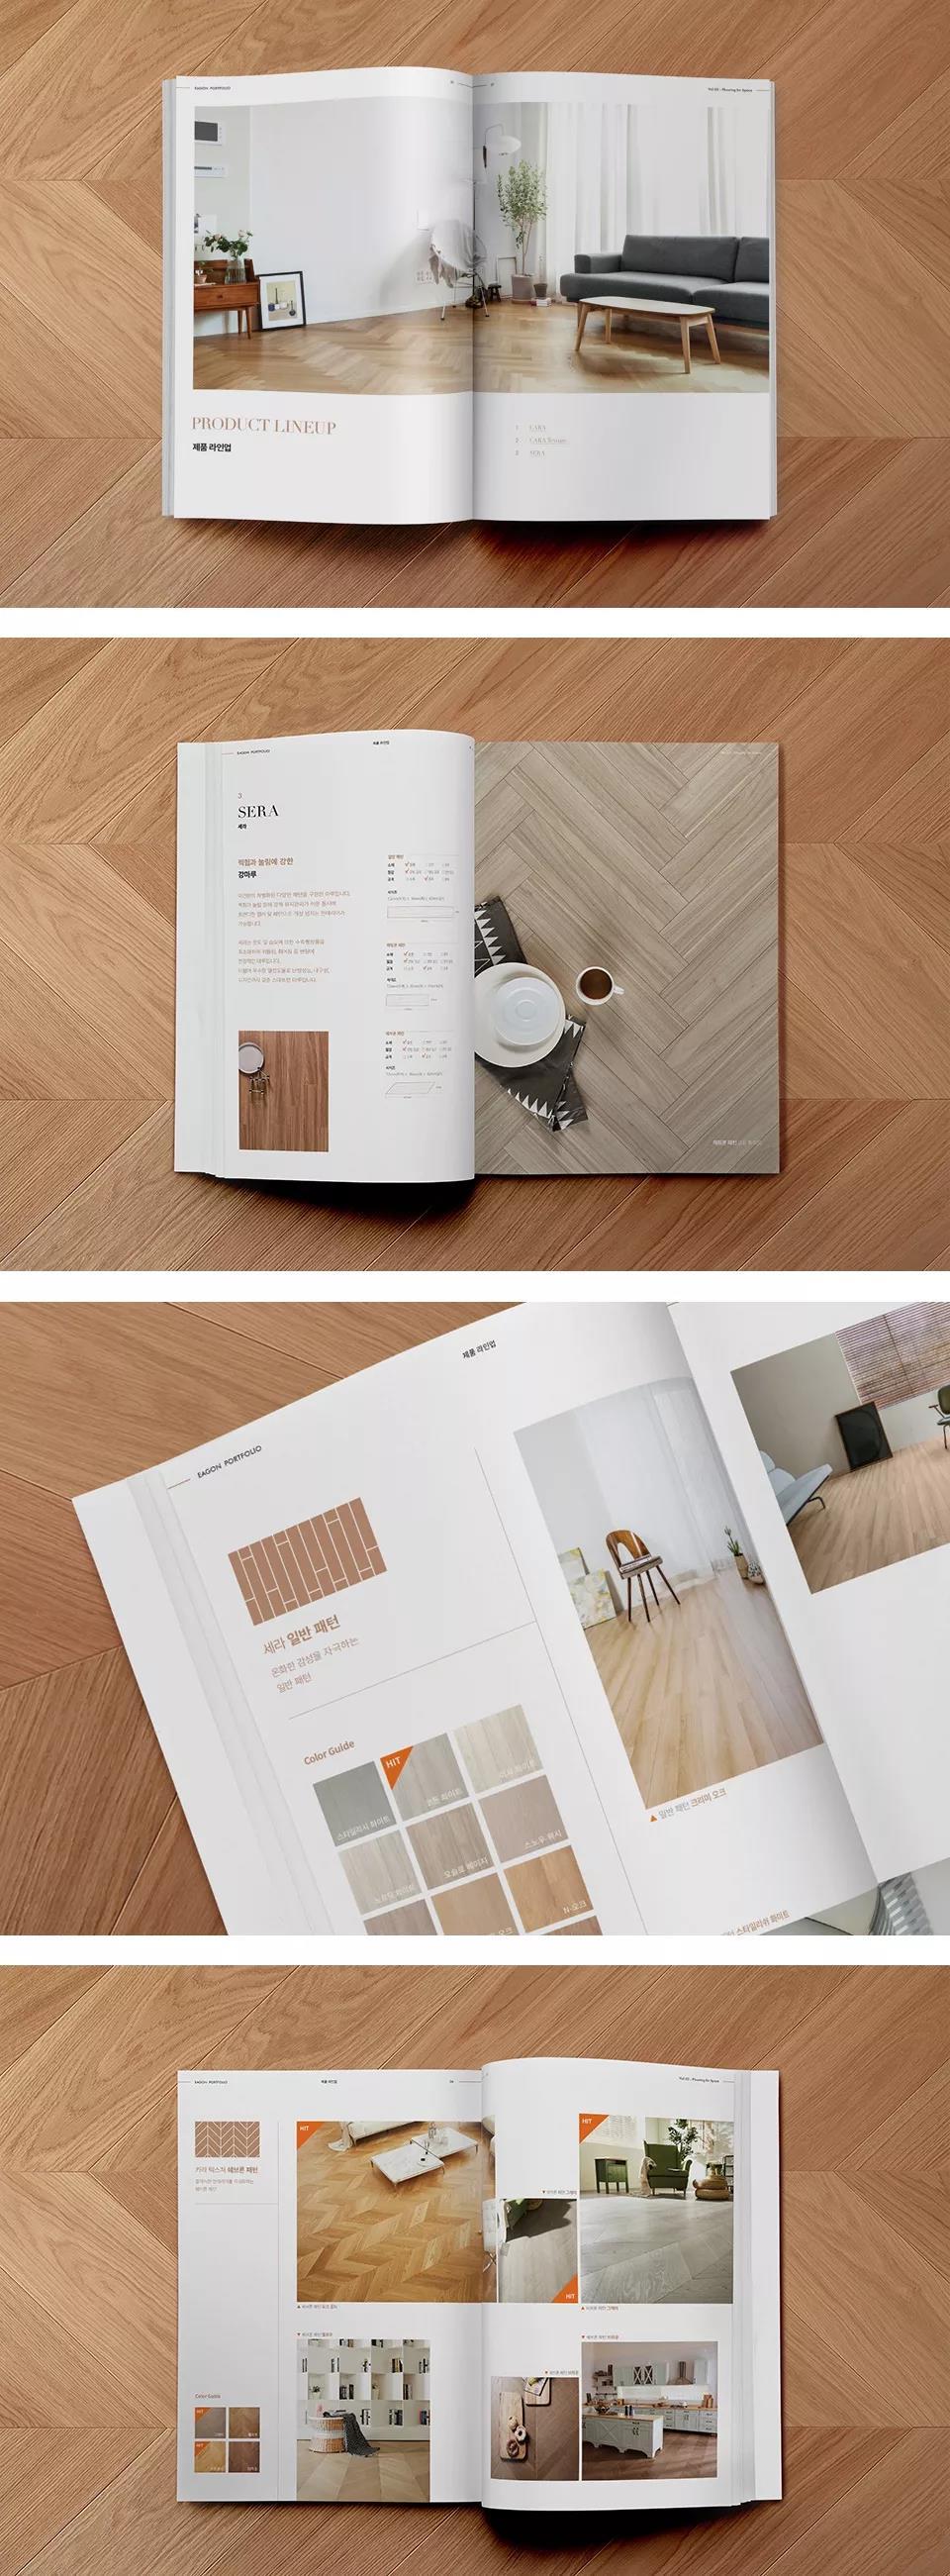 韩国EAGON木地板品牌产品画册设计